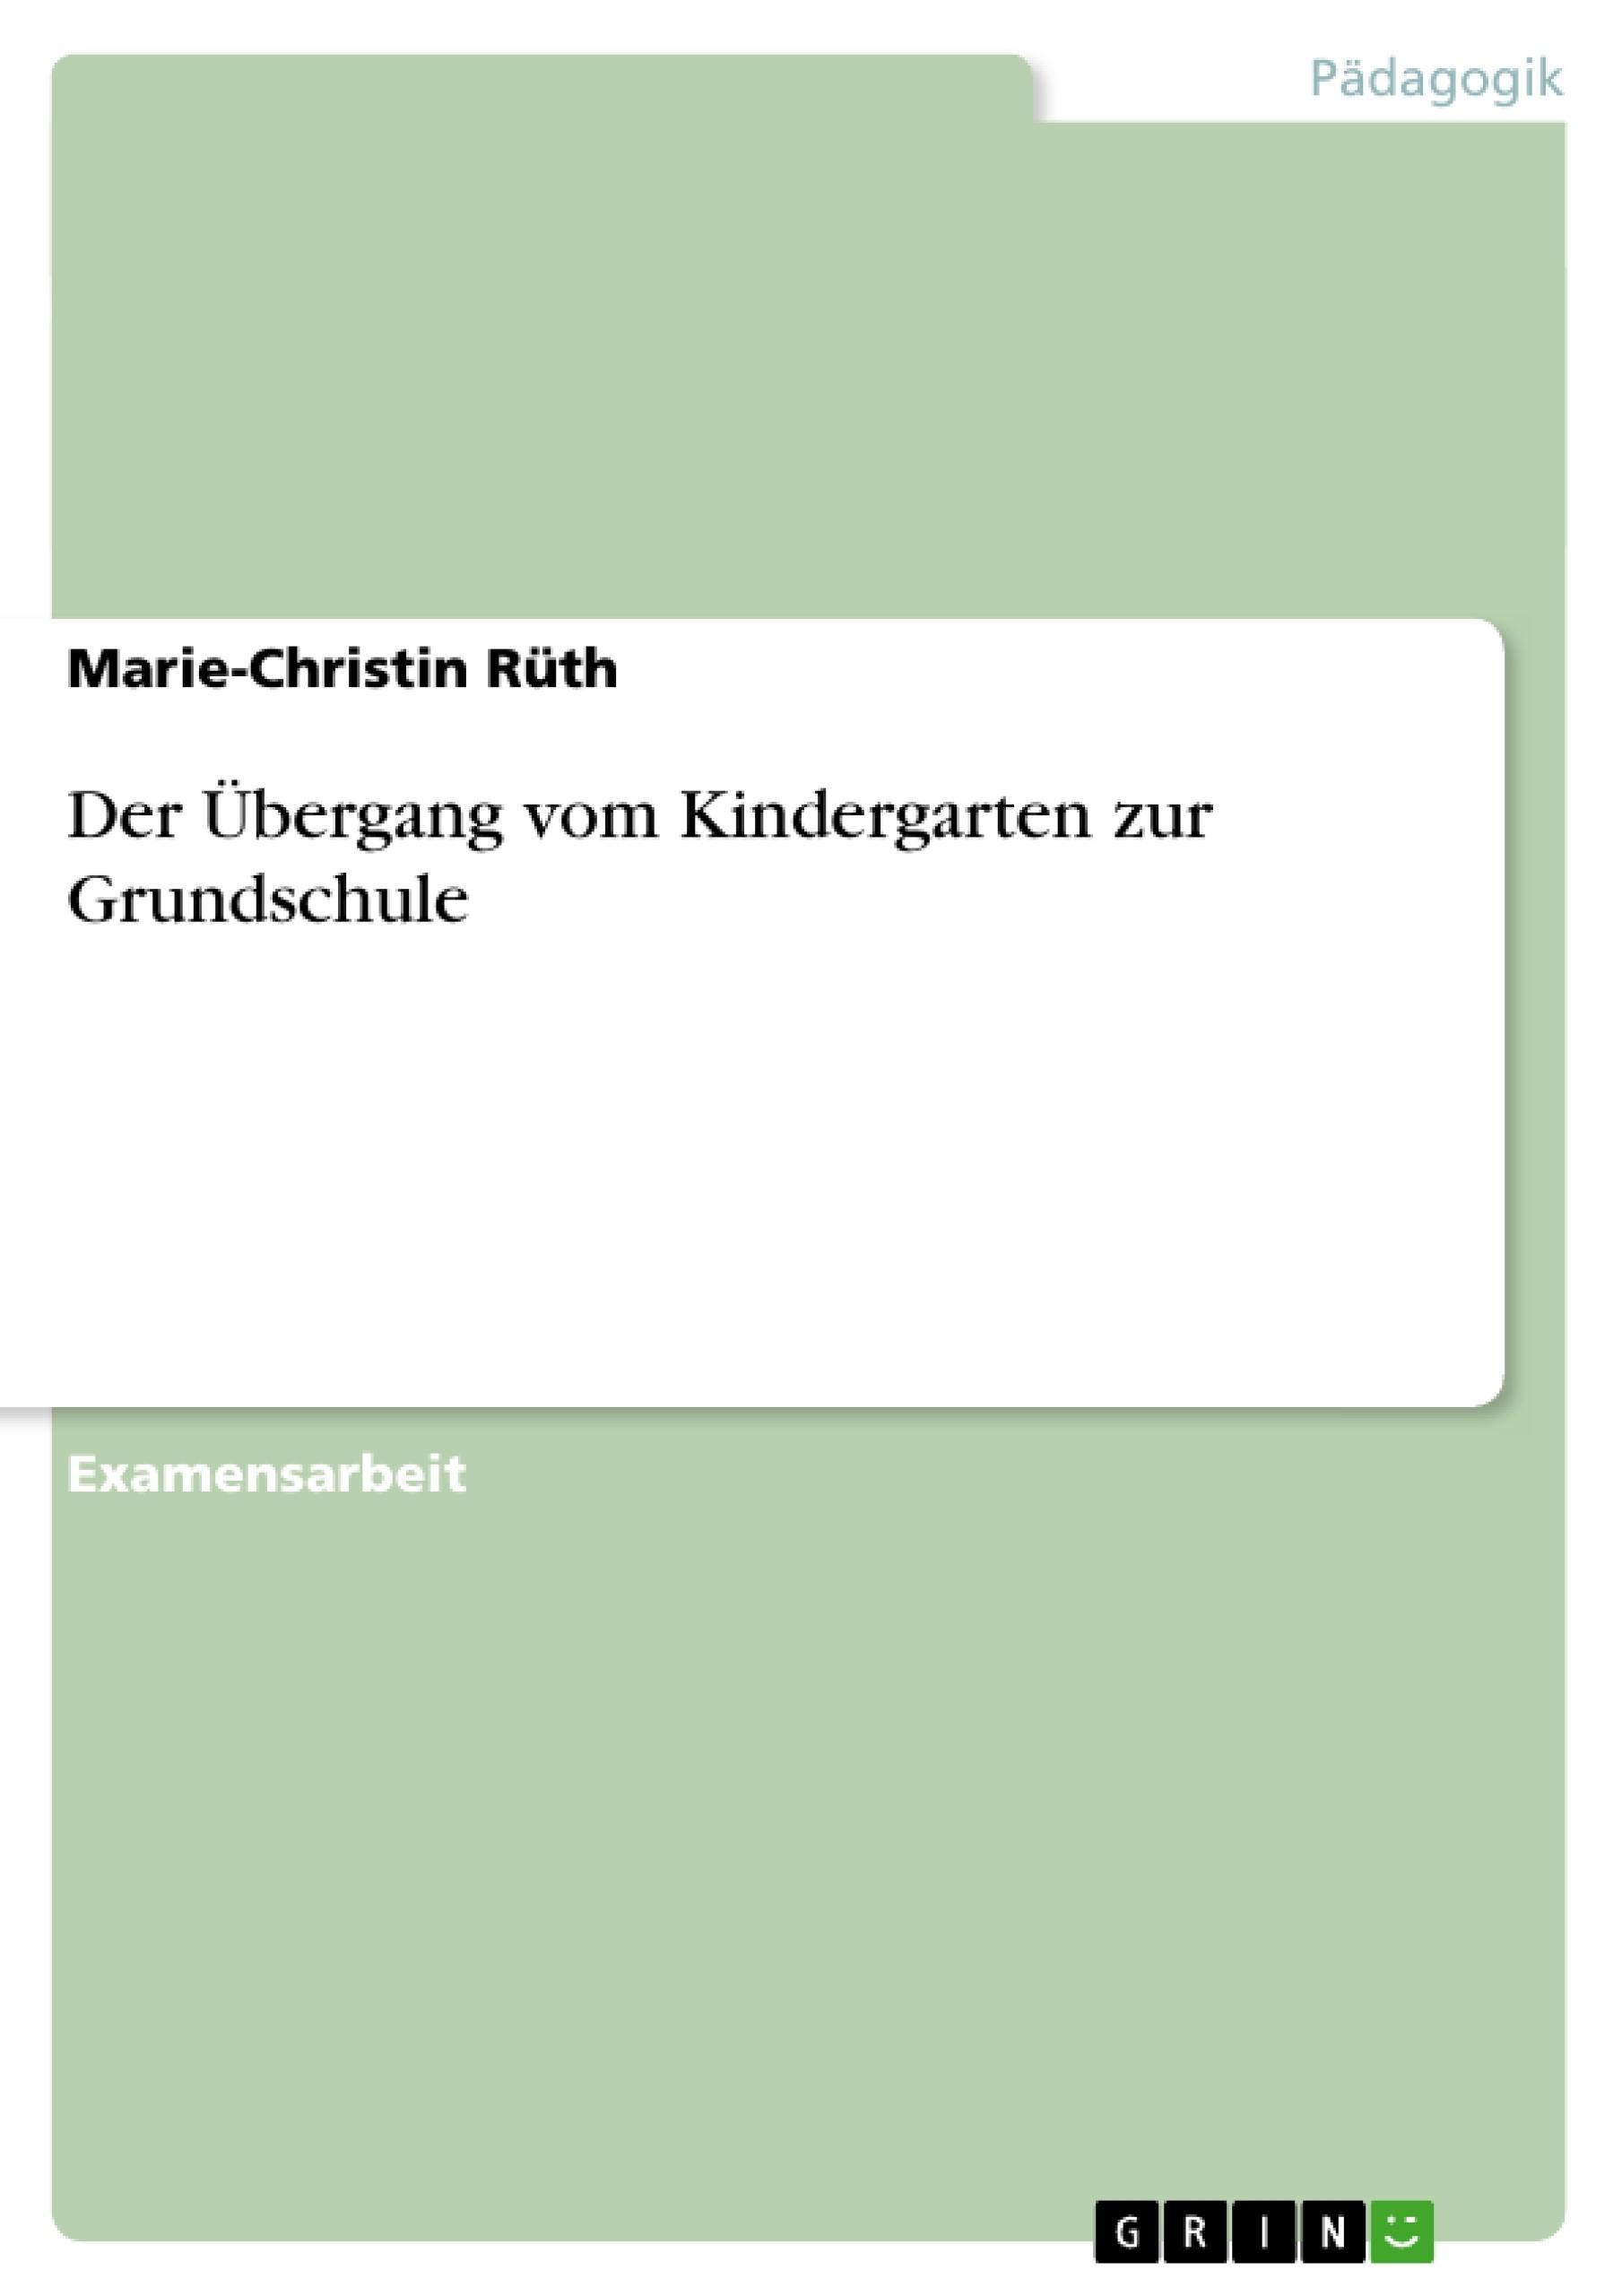 Der Übergang vom Kindergarten zur Grundschule   Masterarbeit ...